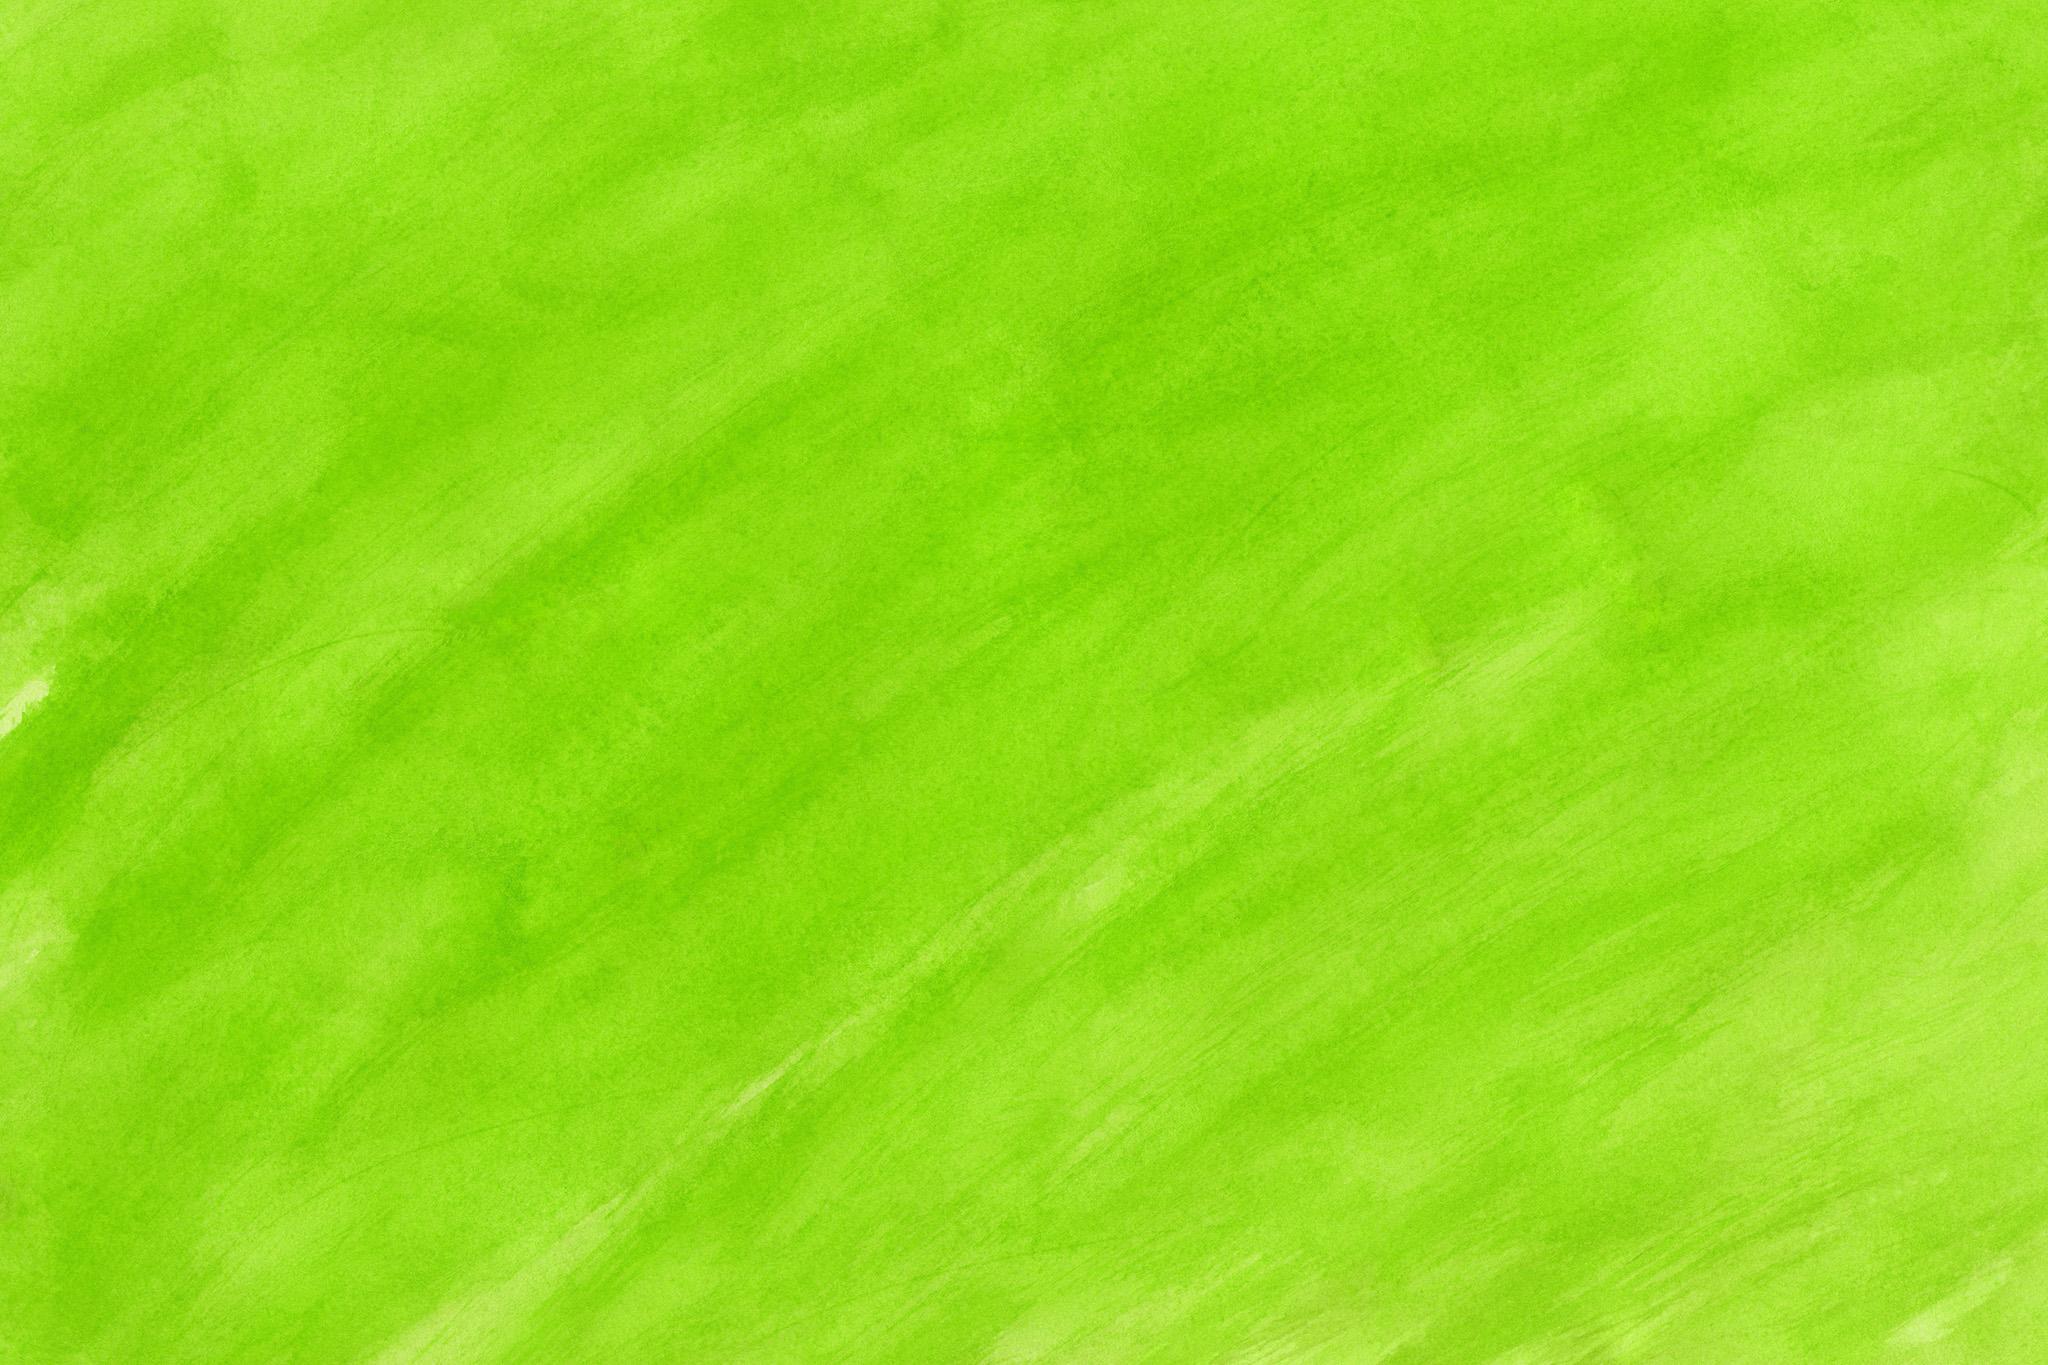 「メドウグリーンの水彩タッチ」